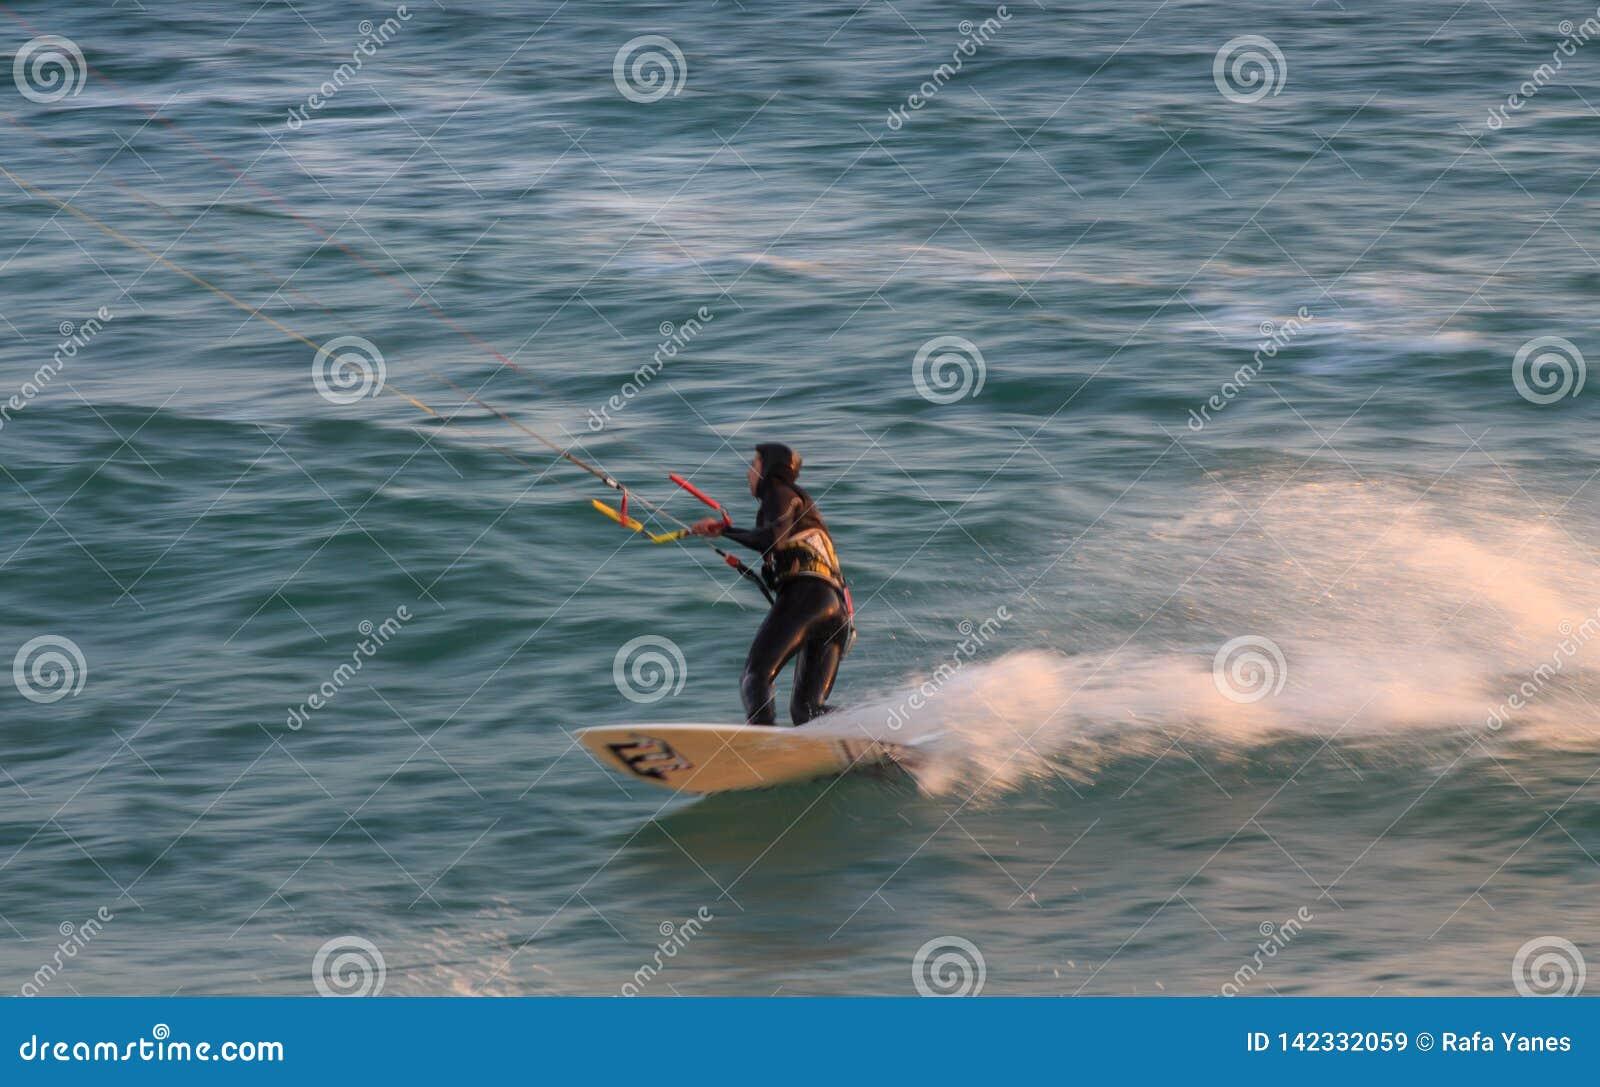 Cabrera De mars, Barcelone/Espagne ; 02 08 2019 : Un bon après-midi pour pratiquer faire de la planche à voile et kitesurf Flysur